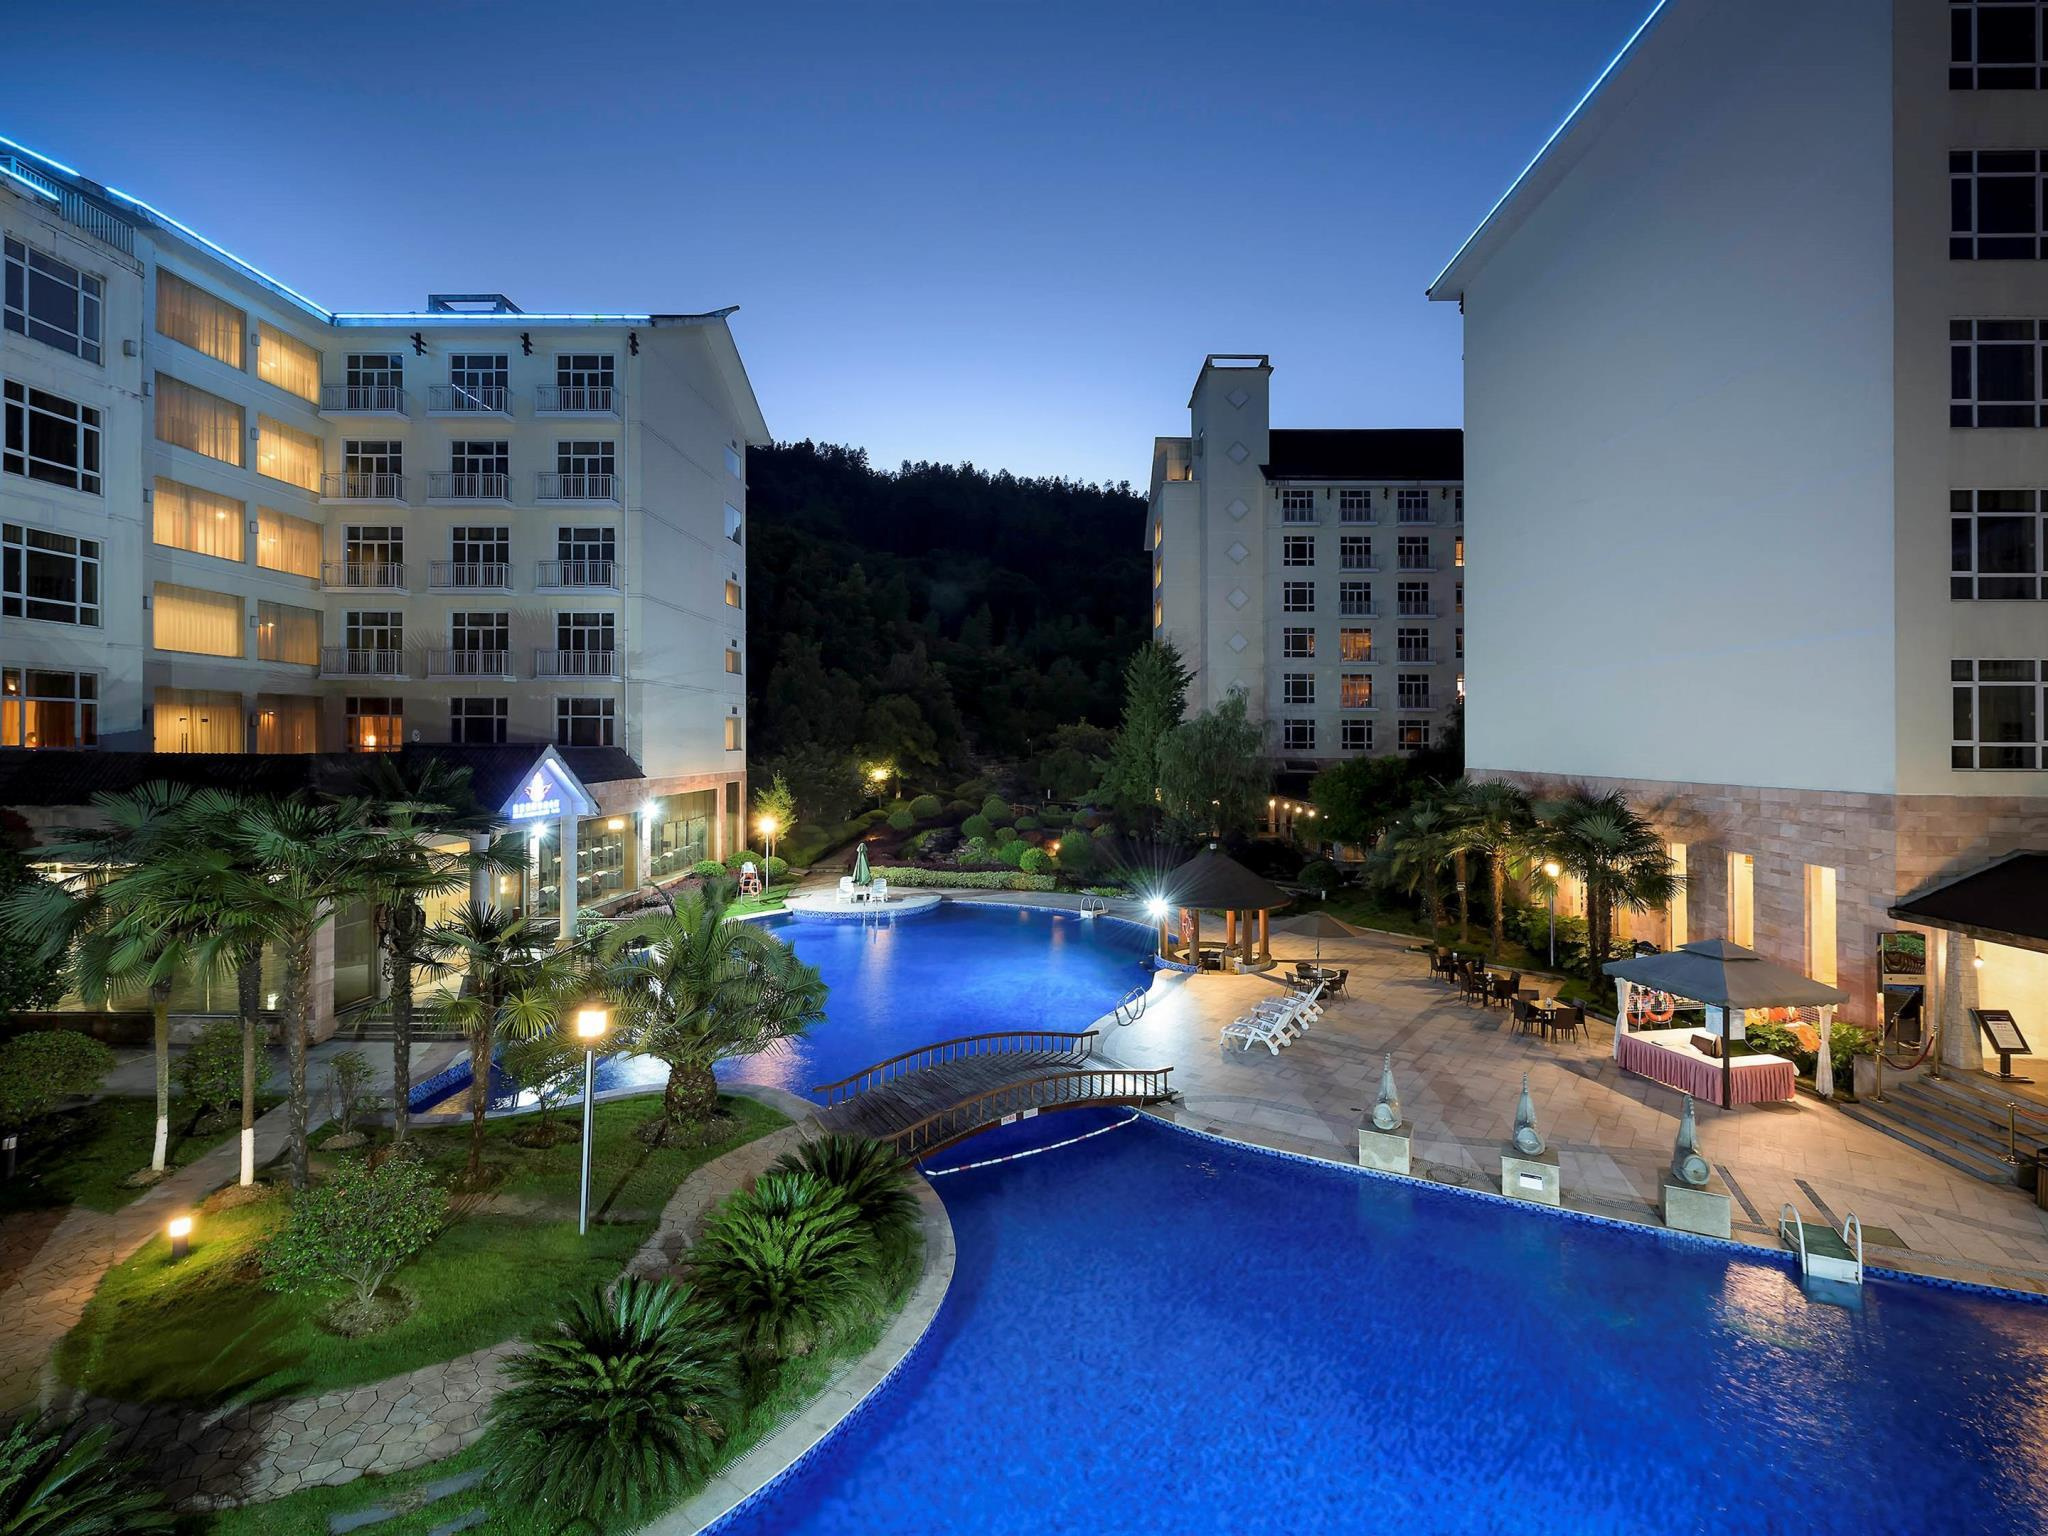 Hotel Pullman Zhangjiajie, Xiangxi Tujia and Miao